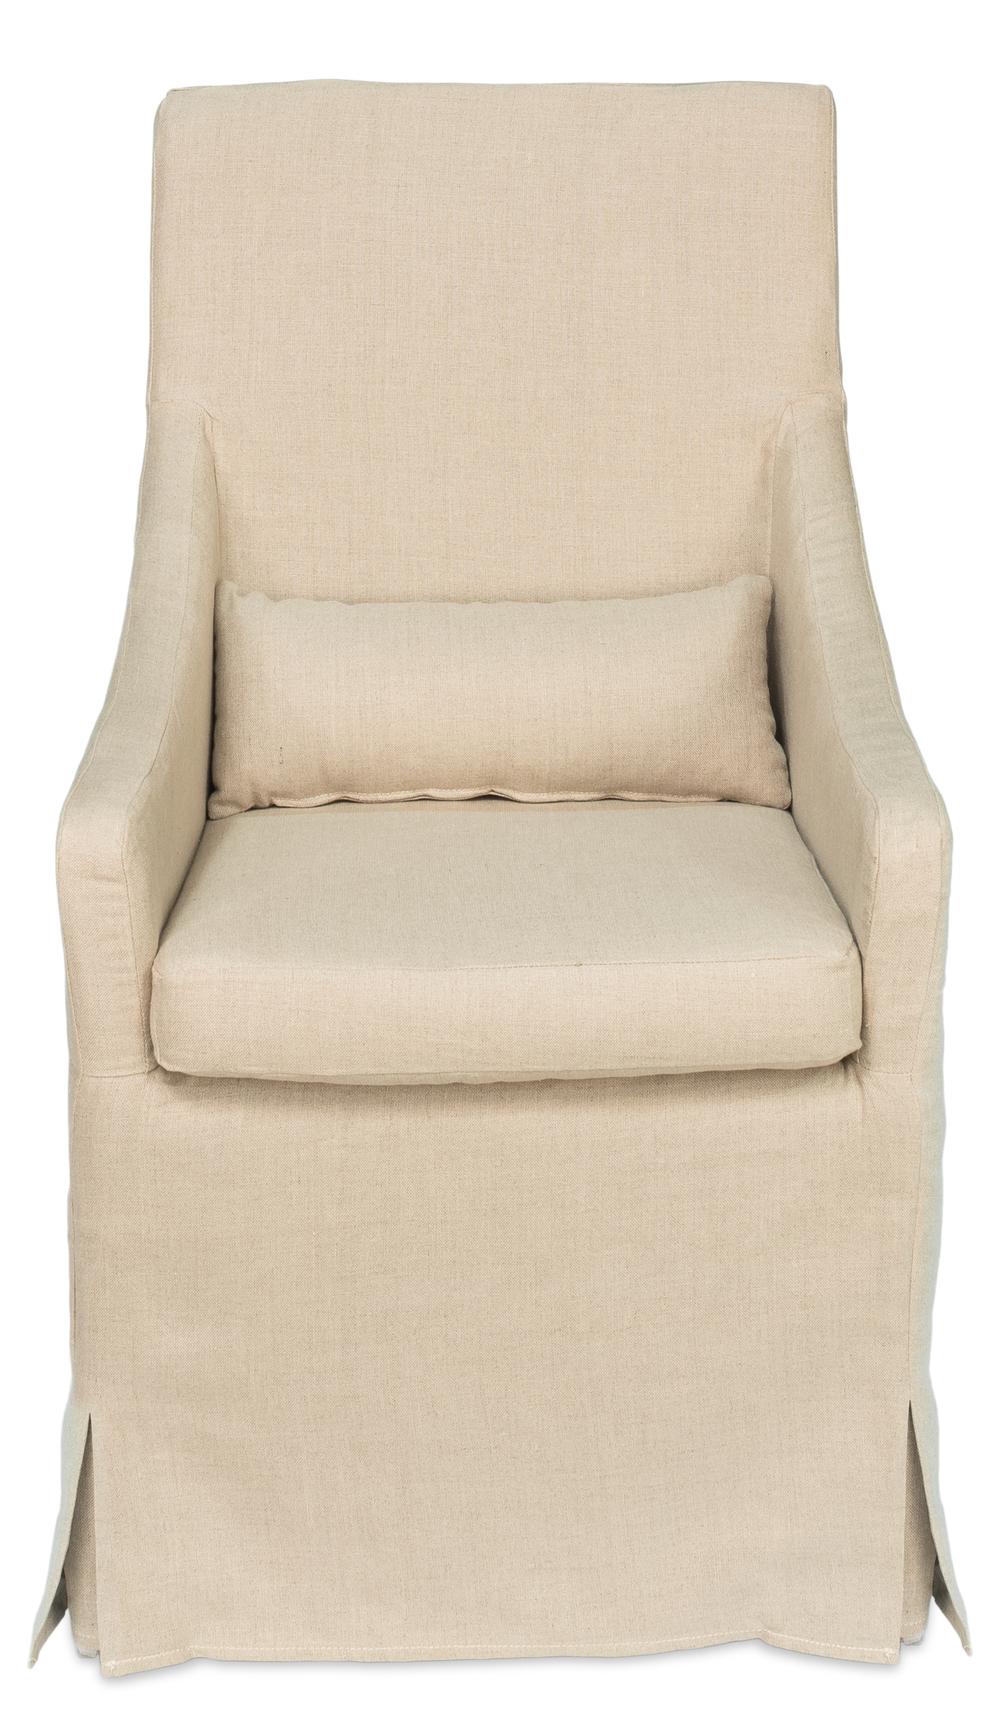 Sarreid - Skirted Arm Chair